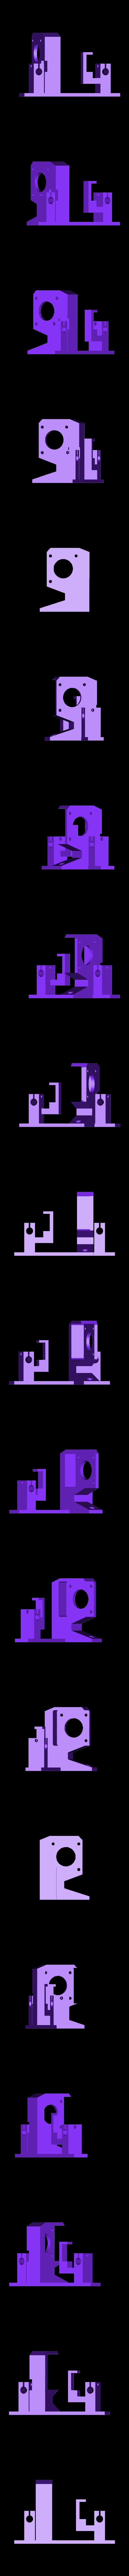 X_Axis_Motor_Mount.STL Télécharger fichier STL gratuit Barman robotique • Plan à imprimer en 3D, DIYMachines